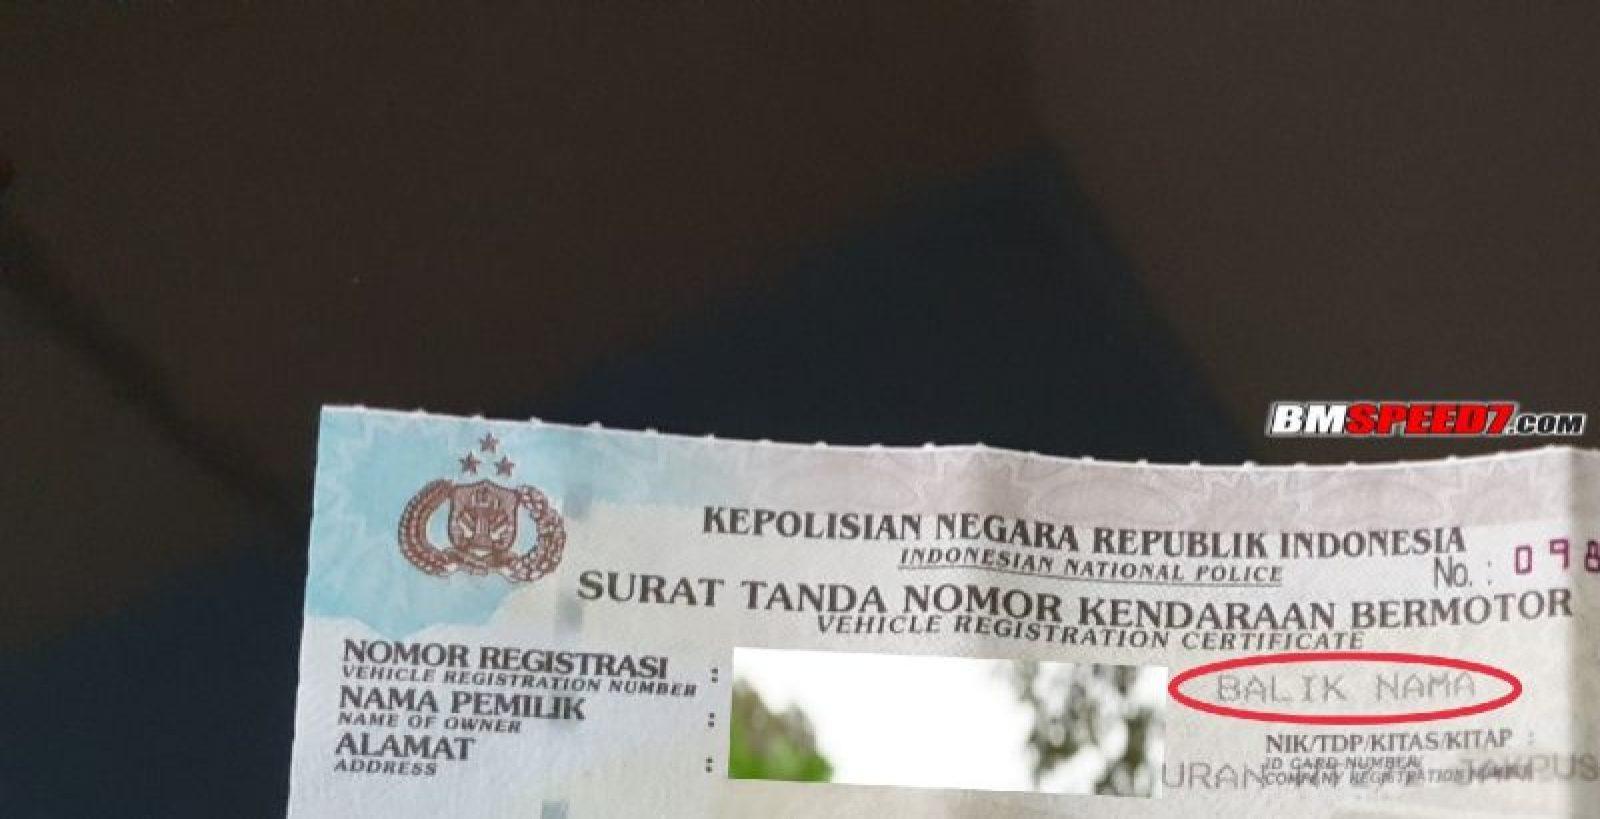 Biaya balik nama motor di Jakarta